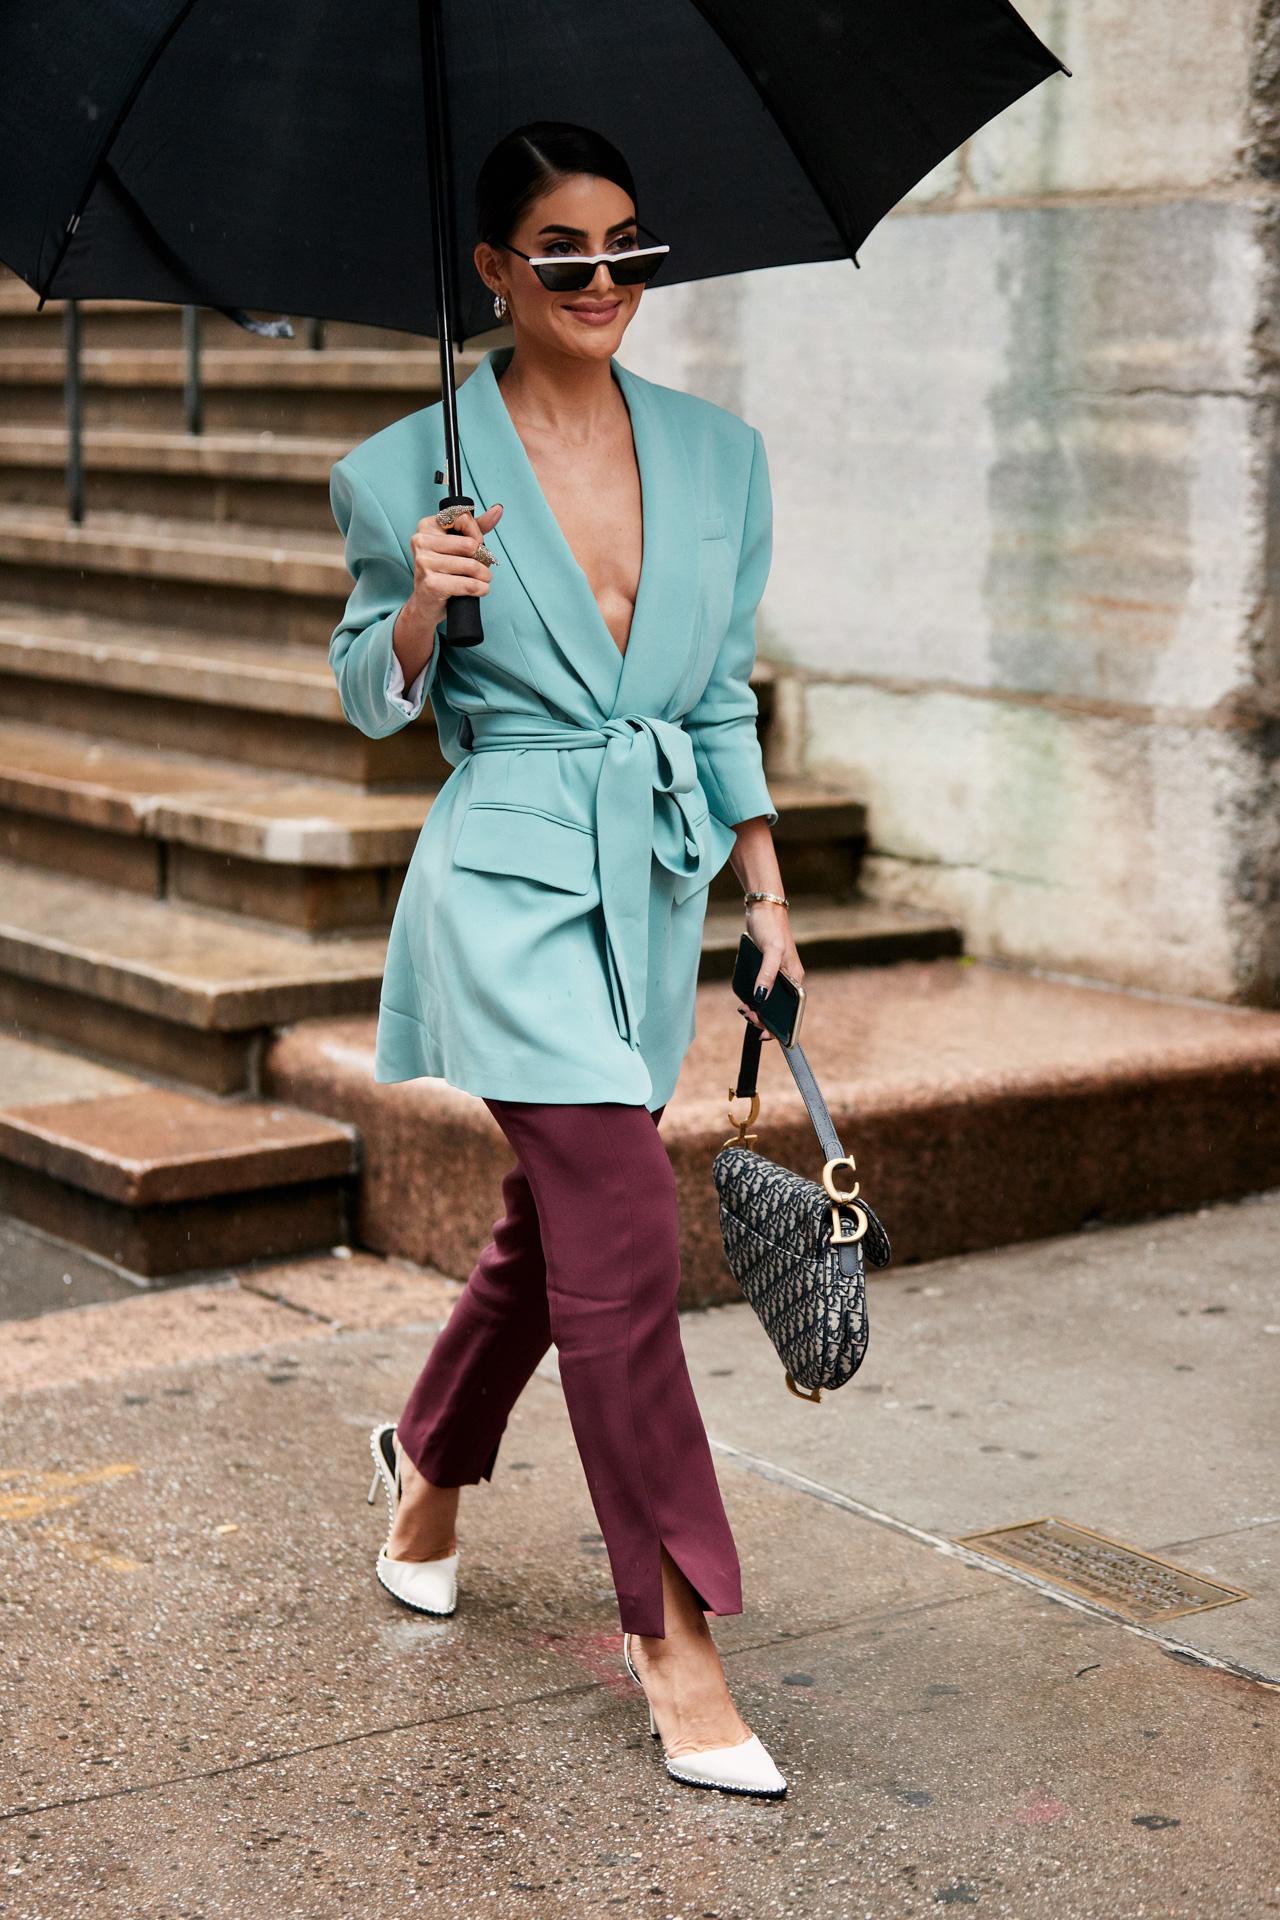 Gió mùa về, bạn hãy sắm ngay một chiếc áo blazer màu pastel hot hit năm nay 11